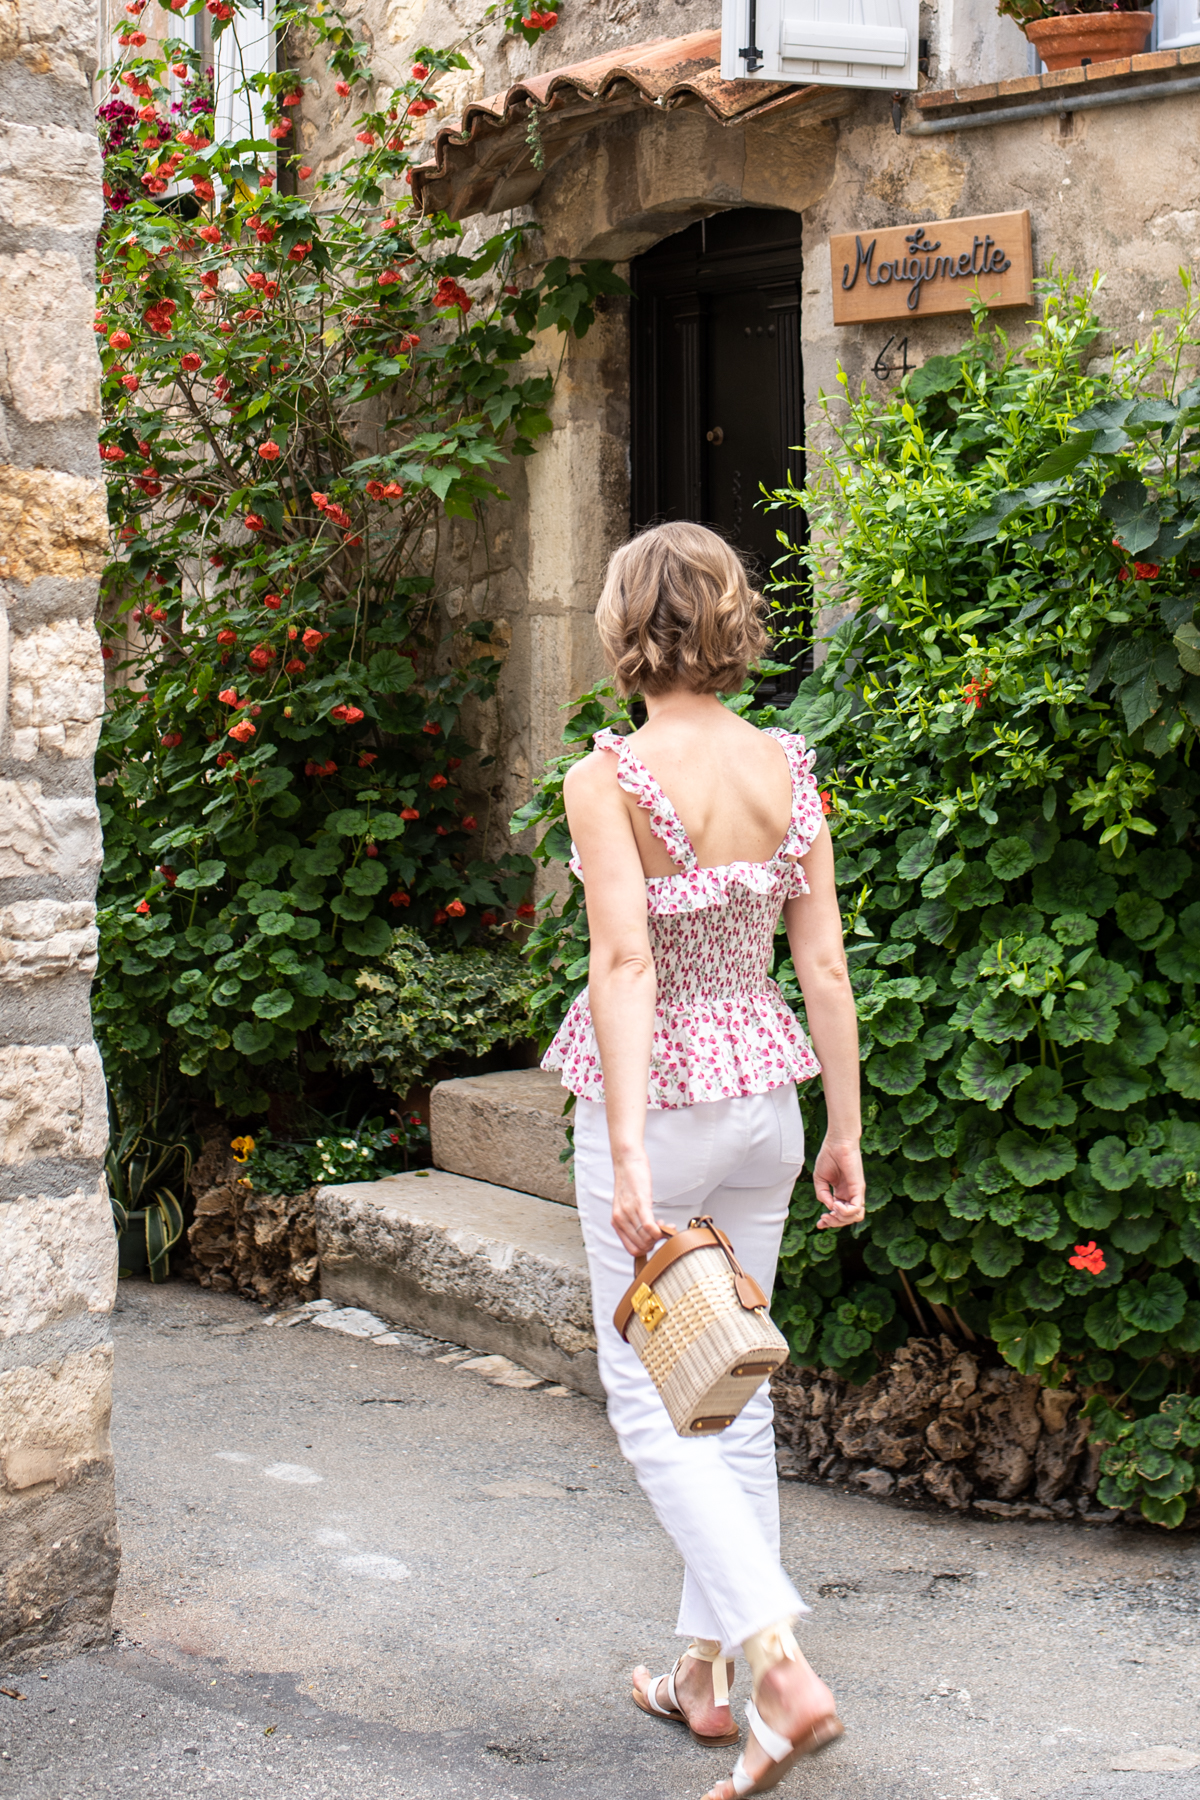 Les Rosees Mougins France x Stacie Flinner-27.jpg